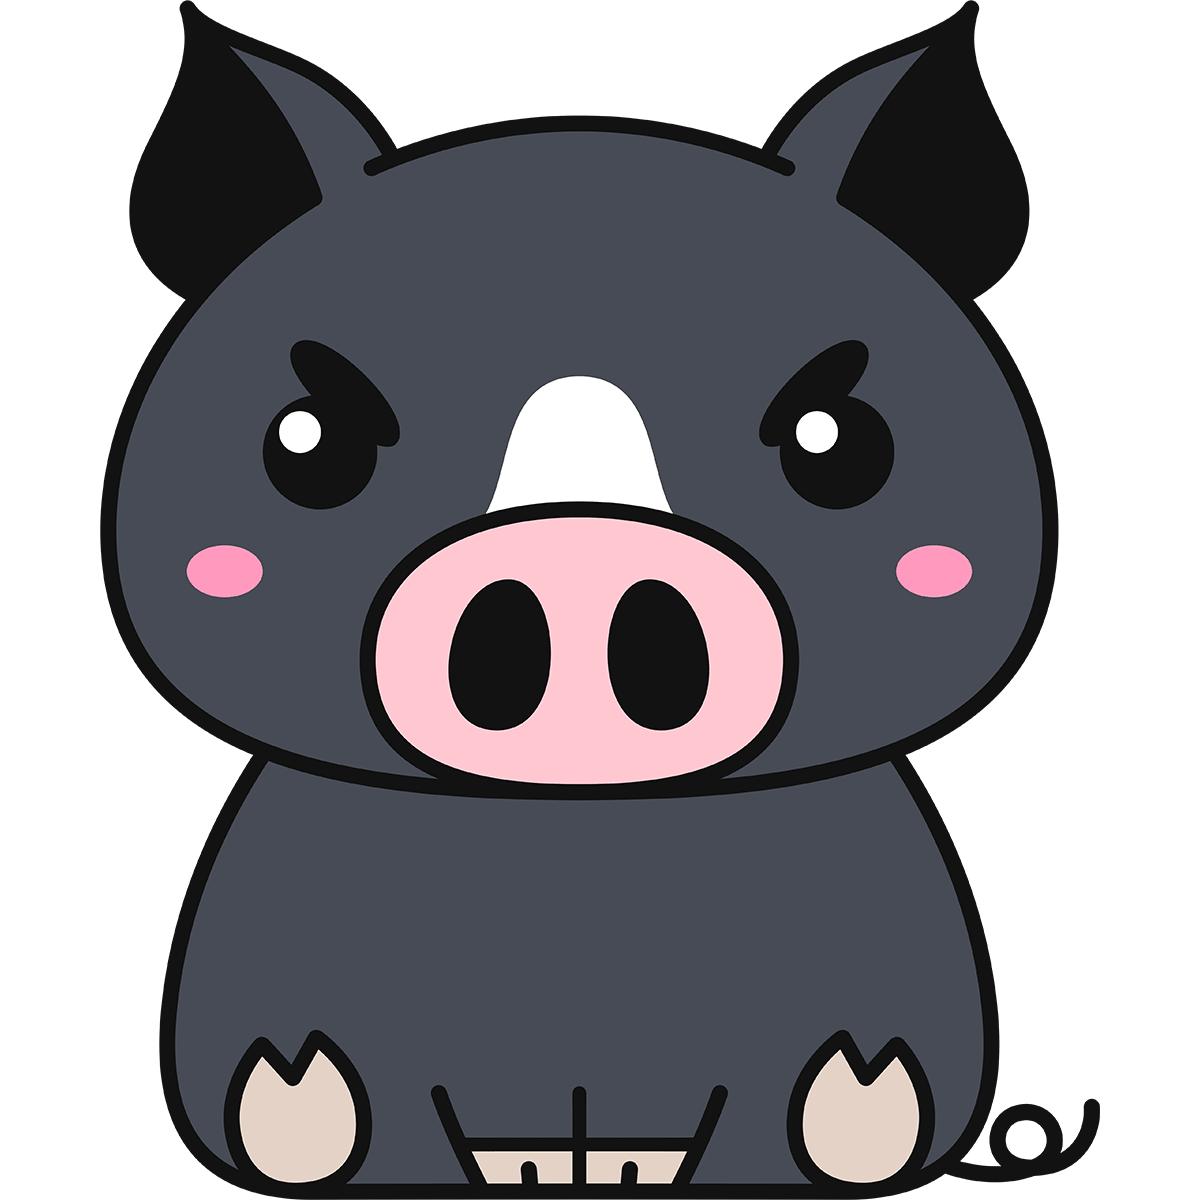 座る黒豚の無料イラスト